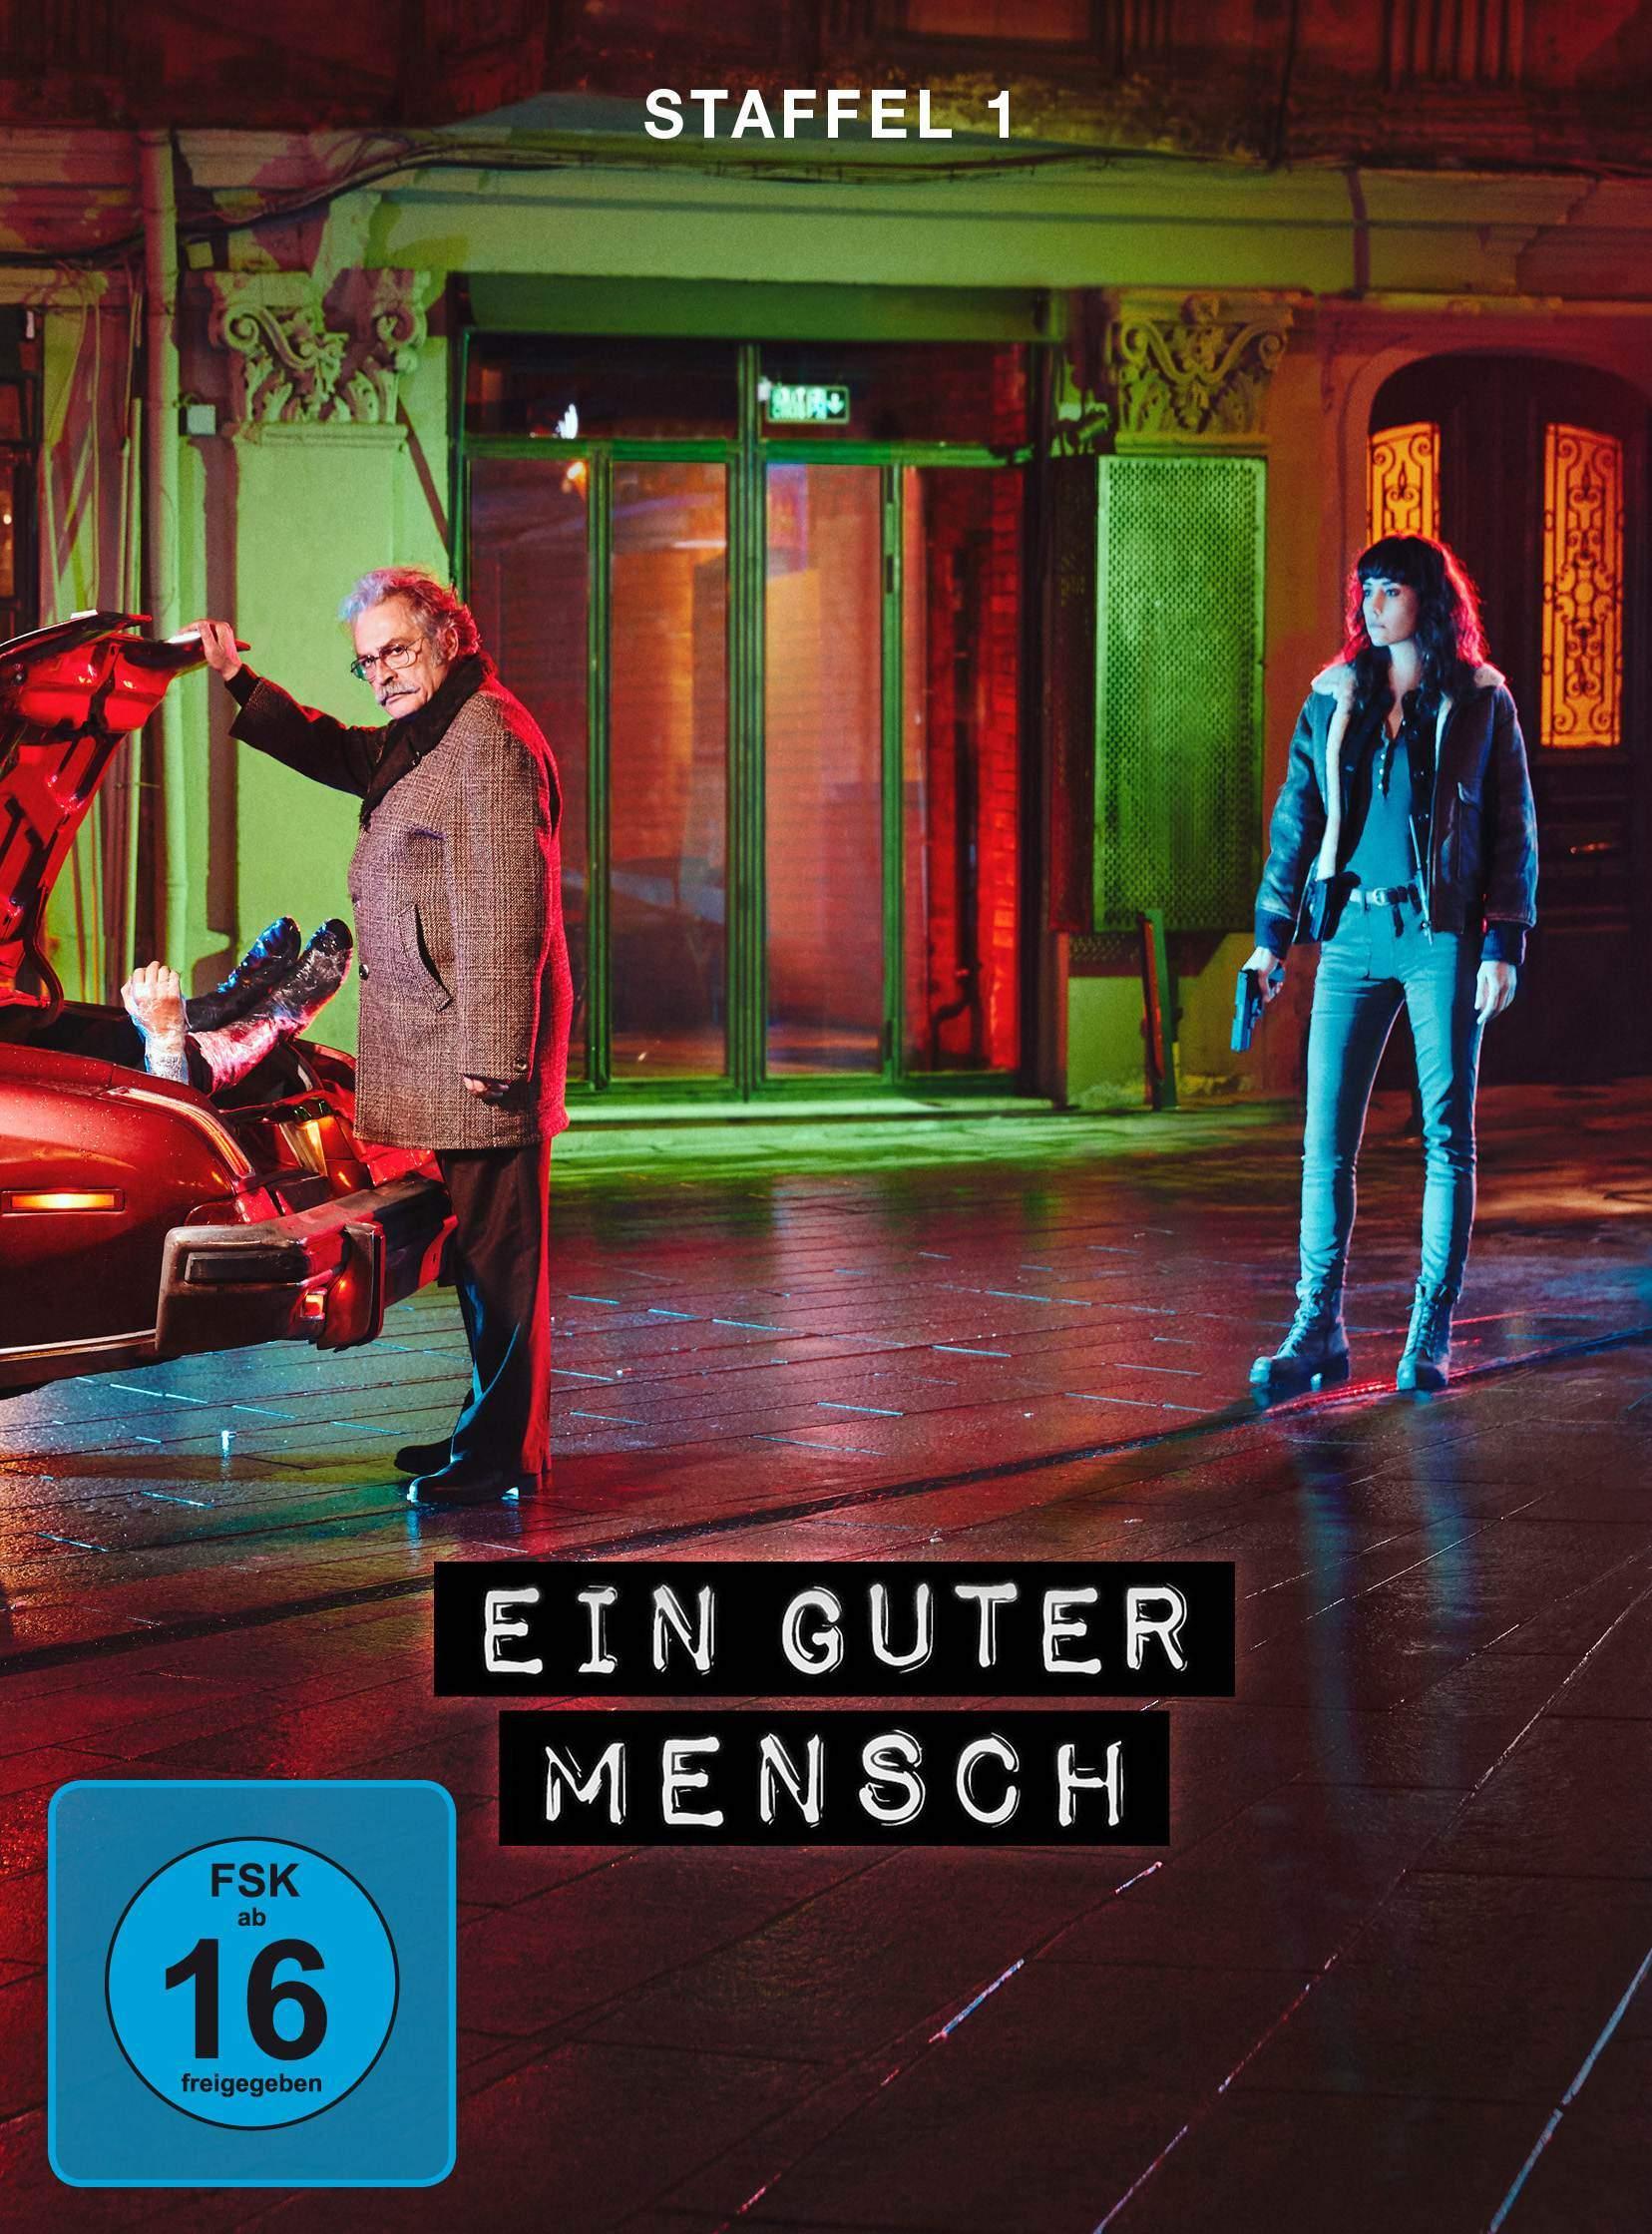 Ein-guter-Mensch_S1-DVD_Front-01.jpg